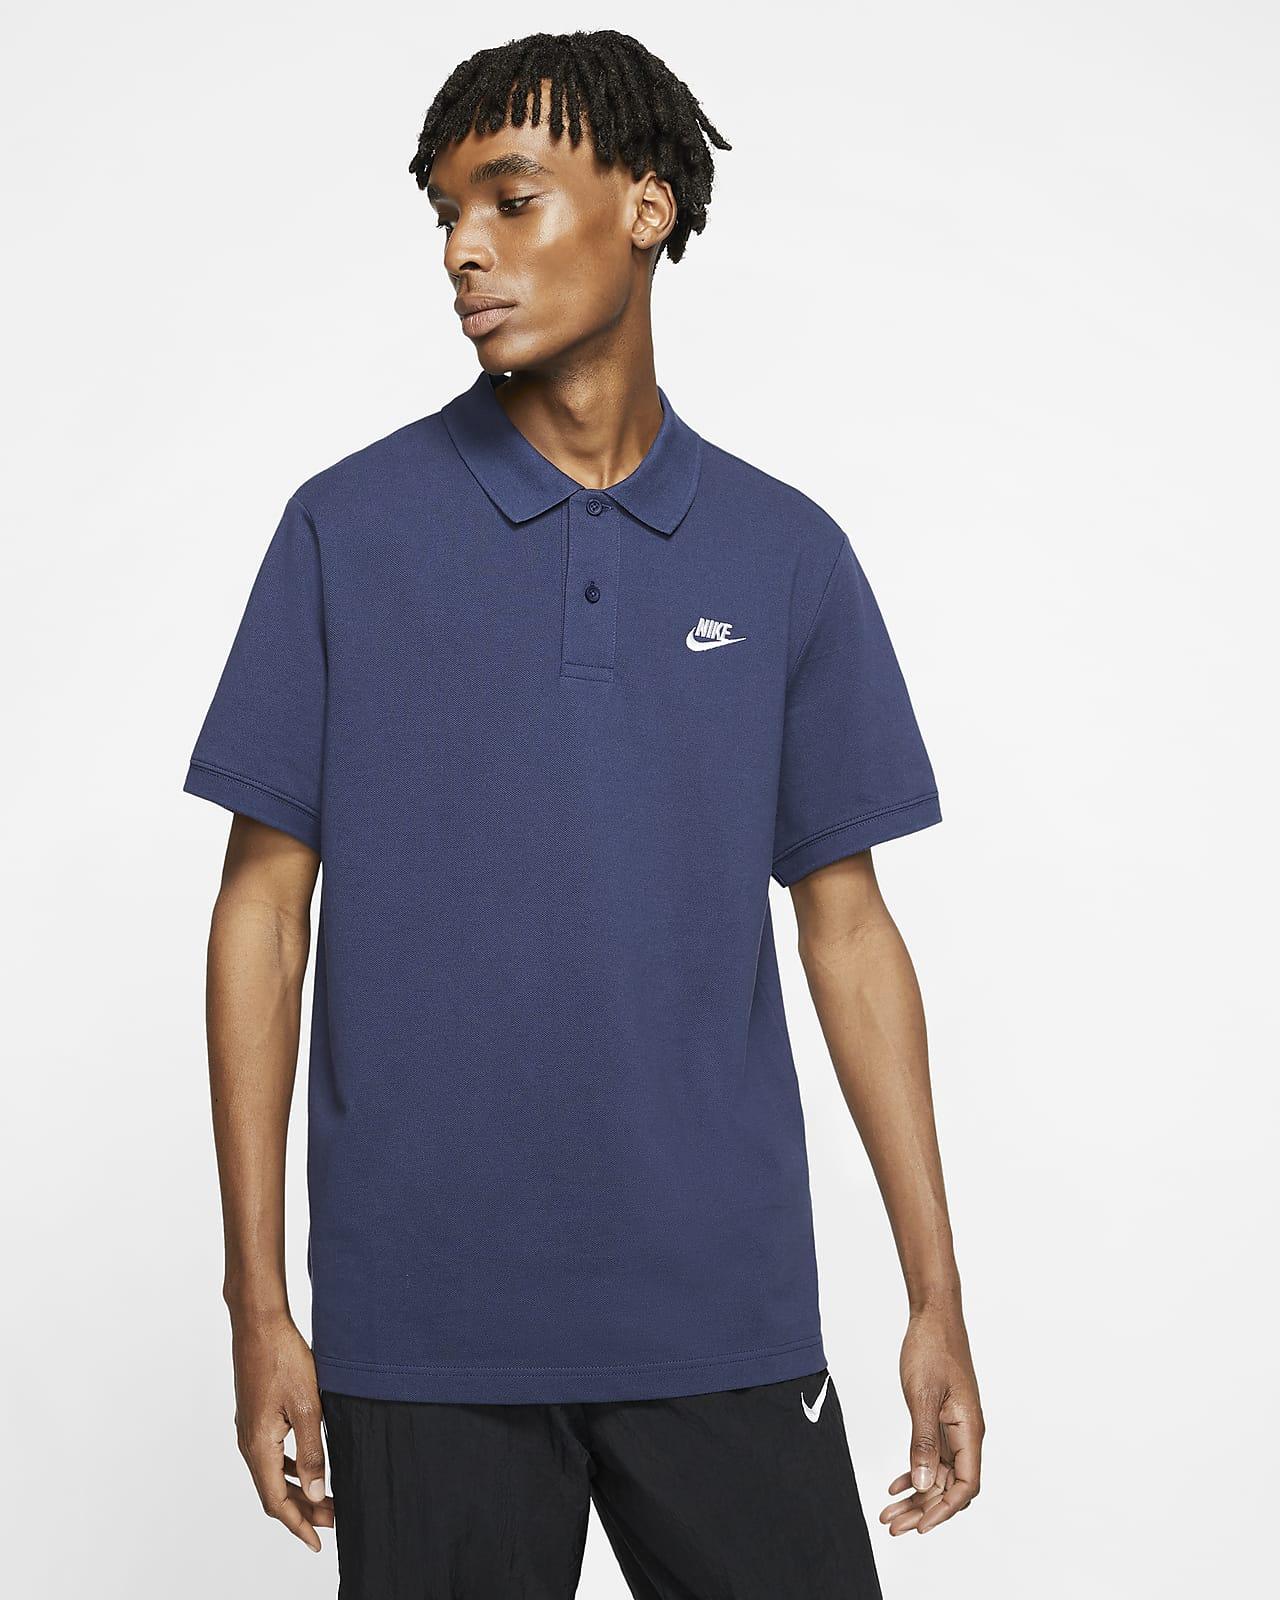 Pikétröja Nike Sportswear för män